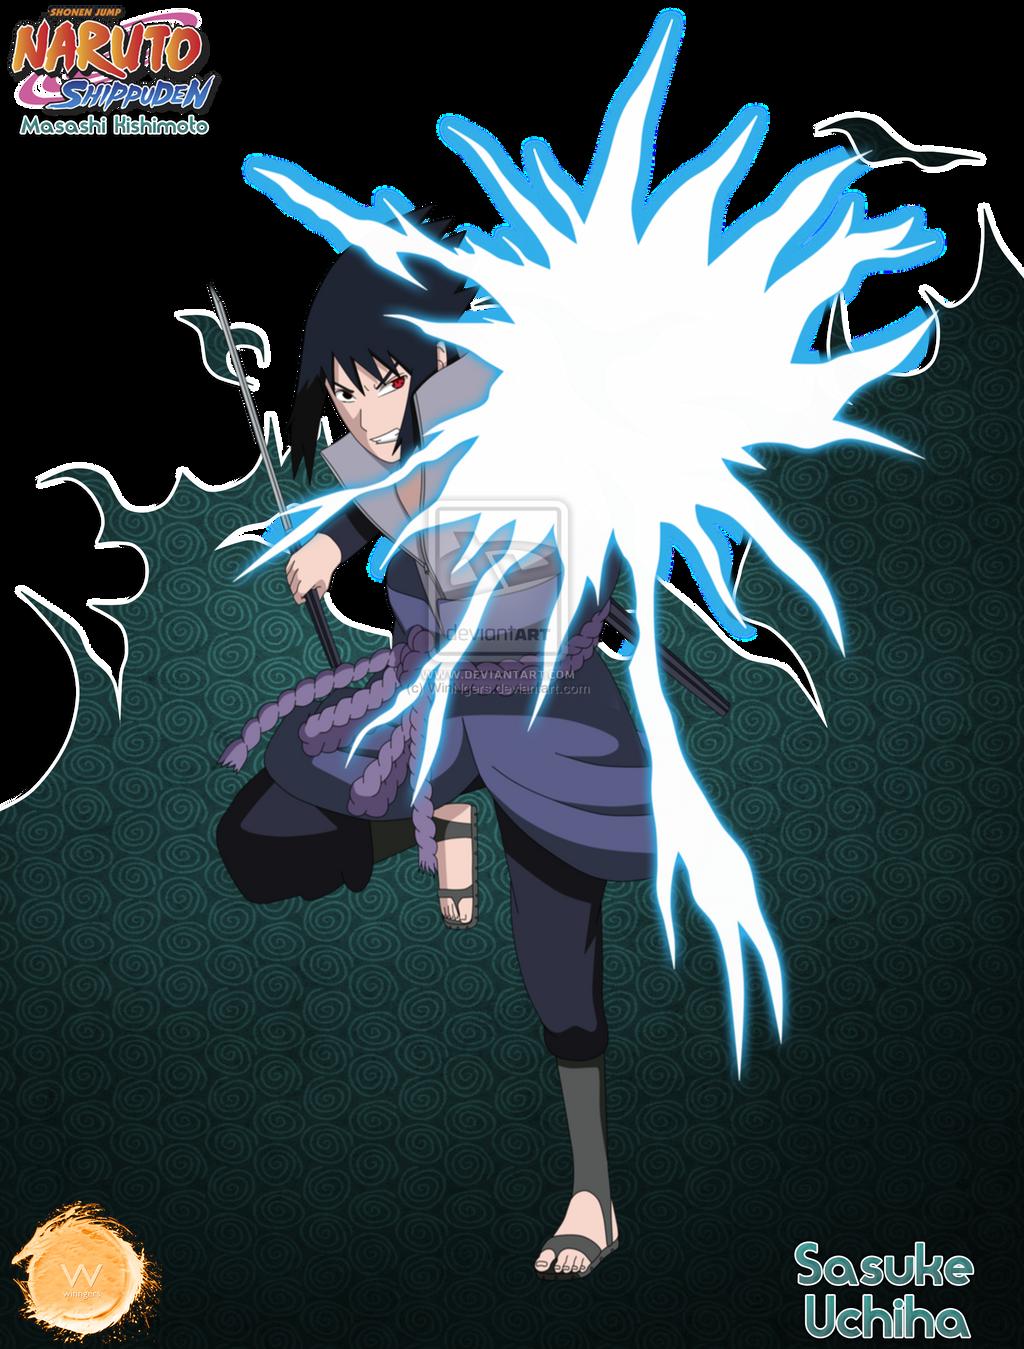 Sasuke Uchiha(Taka) by WinNgers on DeviantArt